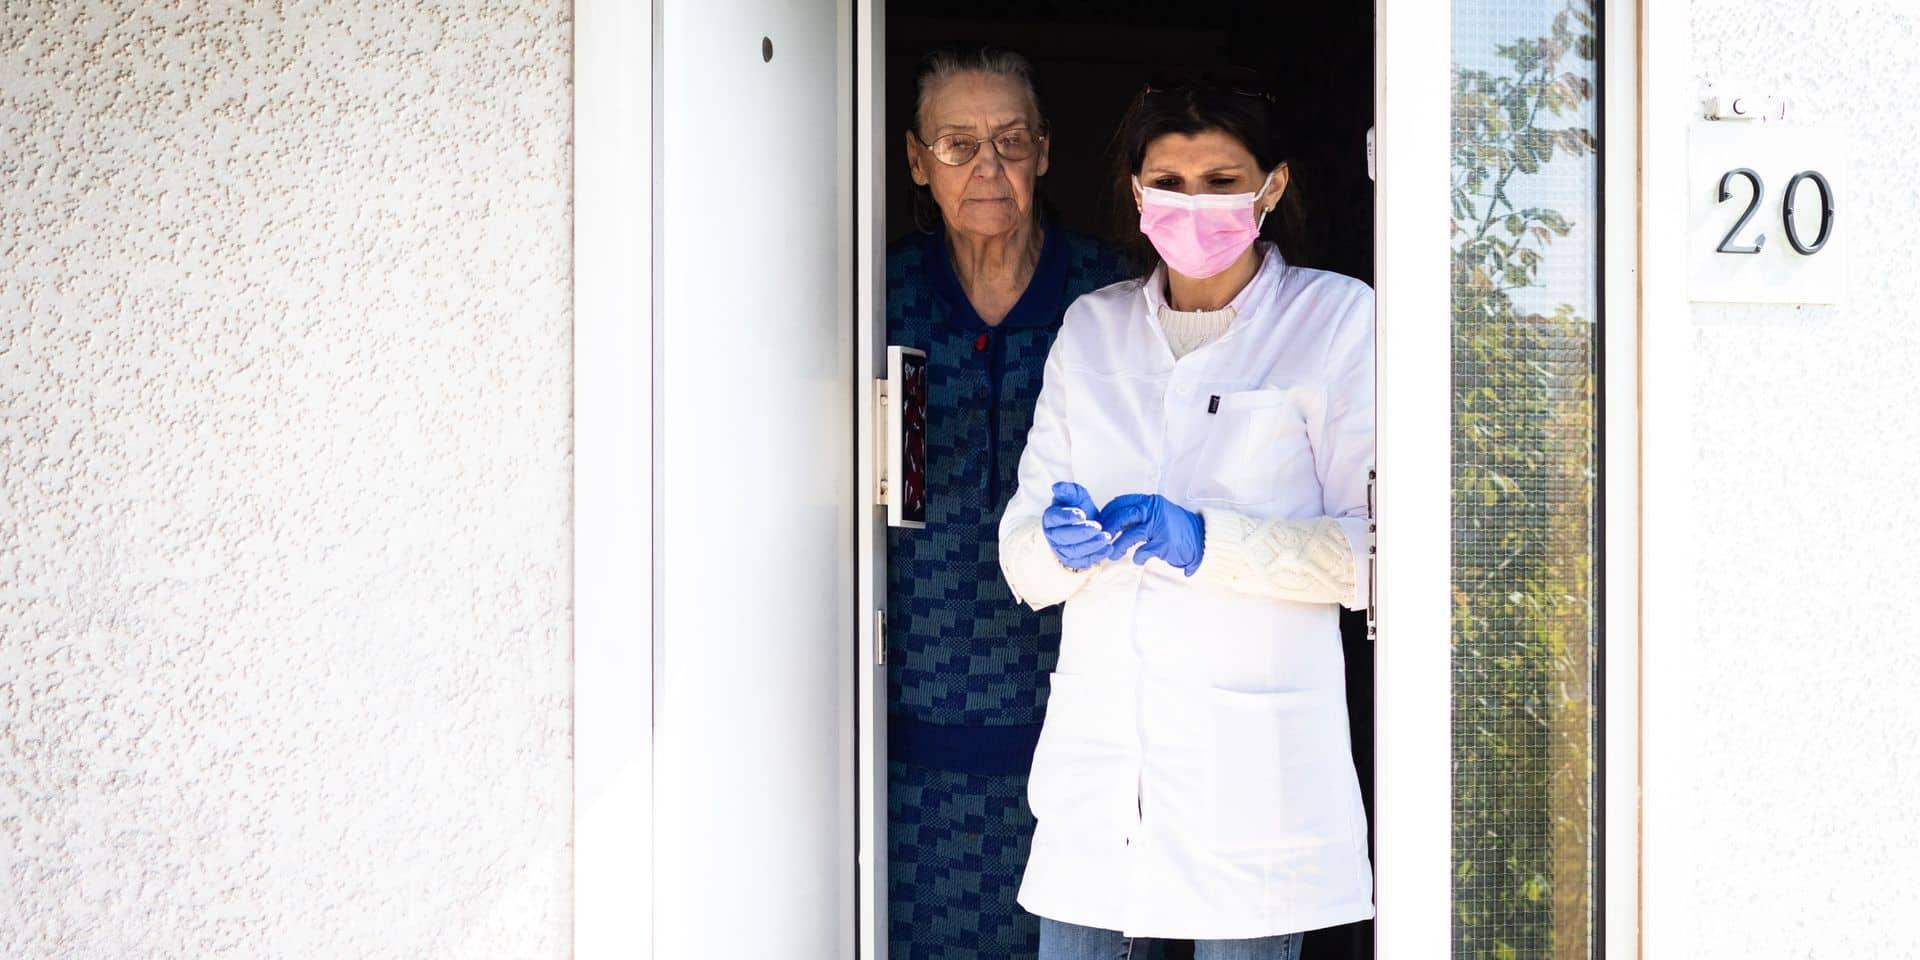 Attention aux faux tests Covid: la police fédérale met en garde contre des vols commis par de fausses infirmières